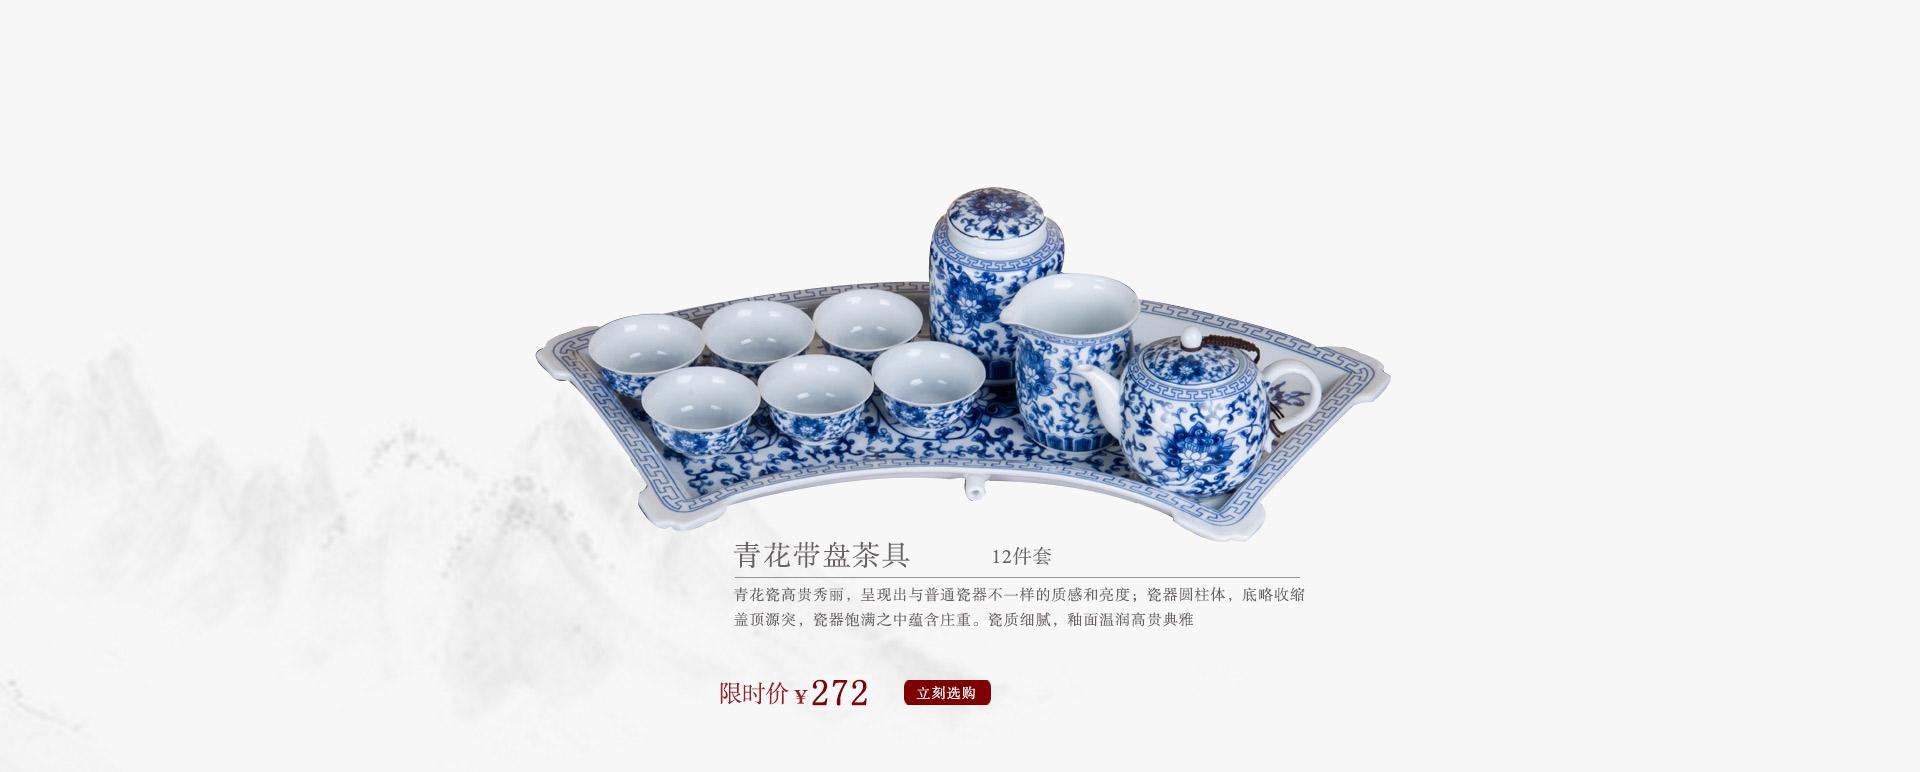 青花带盘茶具 茶具艺术汇 爱特猫